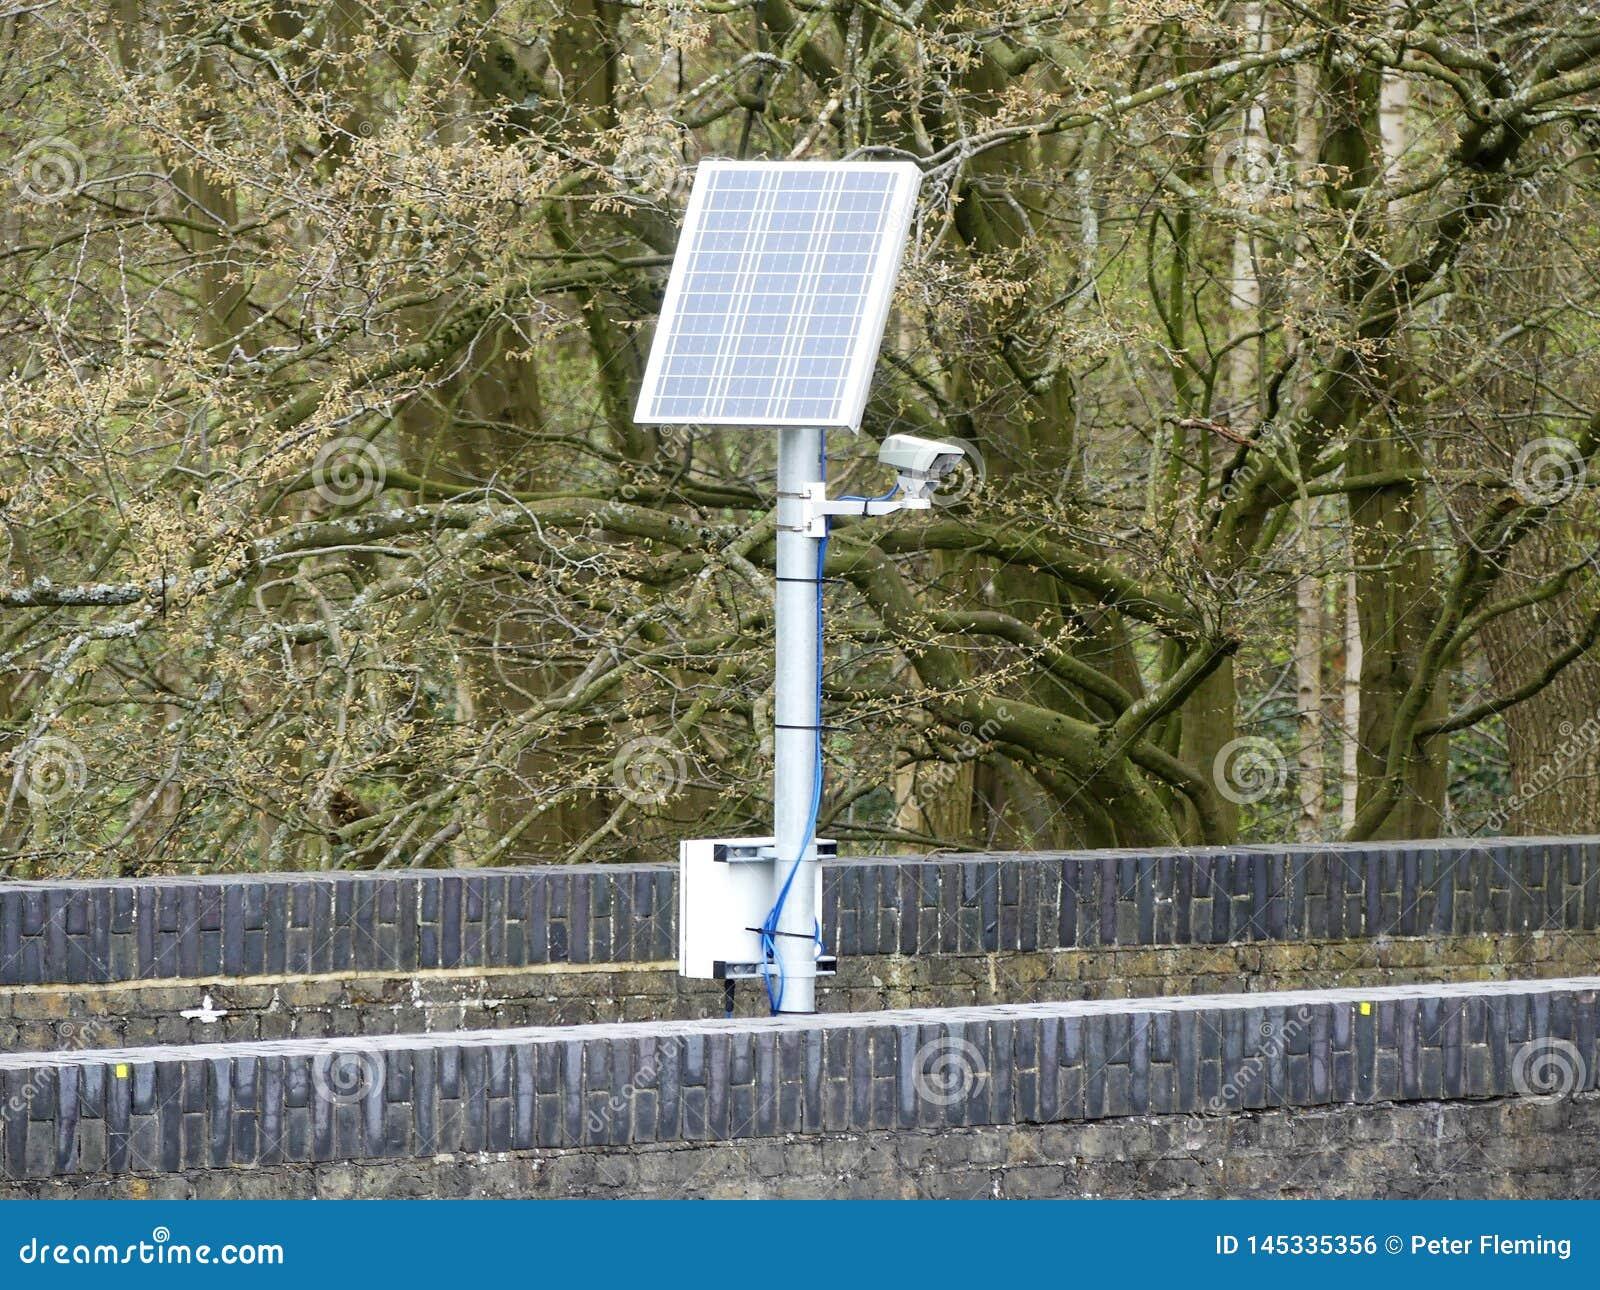 Zonne aangedreven camera op spoorwegbrug